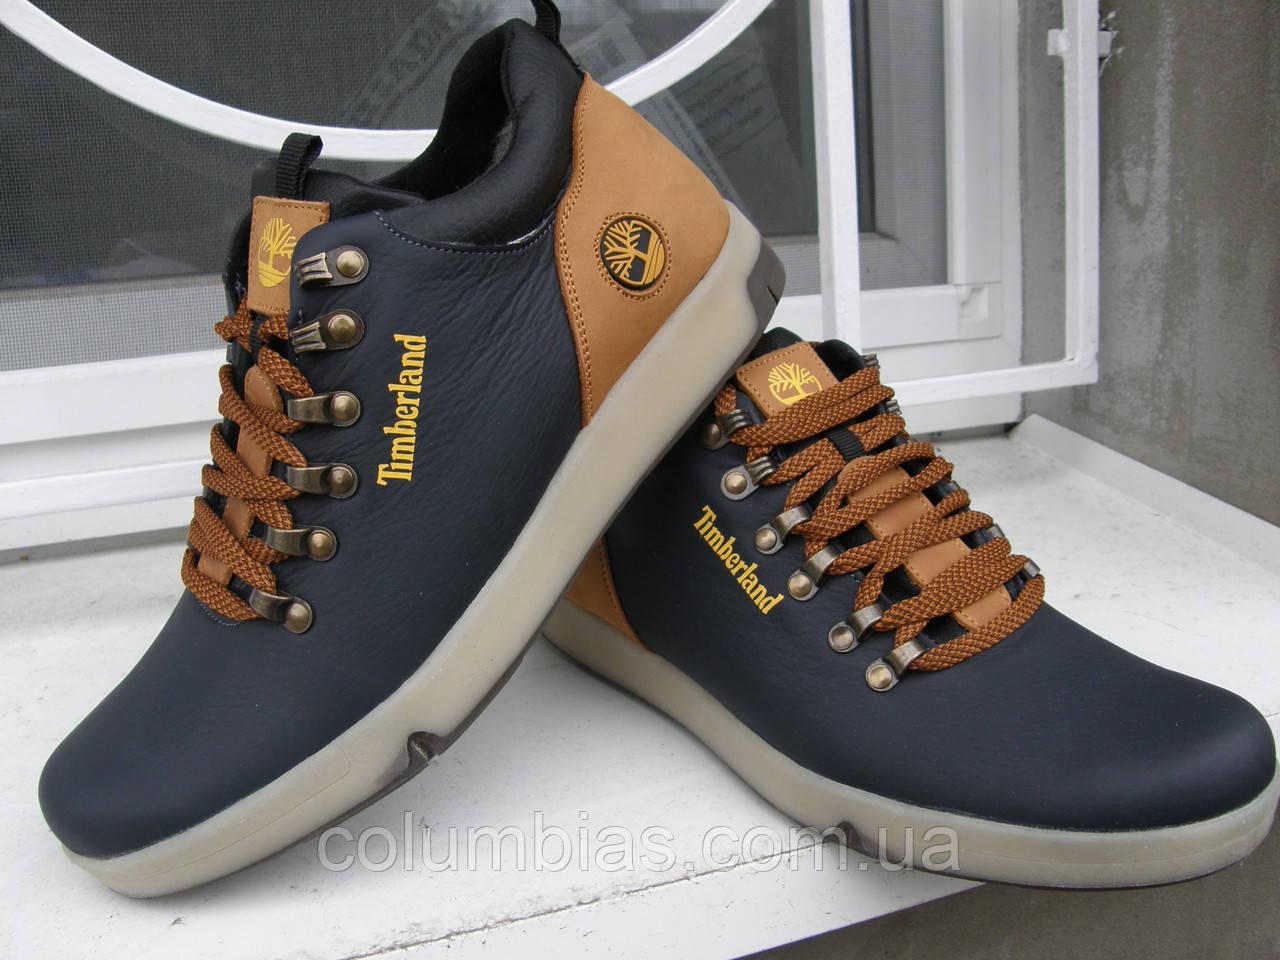 2e9388b2 Спортивная зимняя обувь Timberland - Весь ассортимент в наличии, звоните в  любое время т.